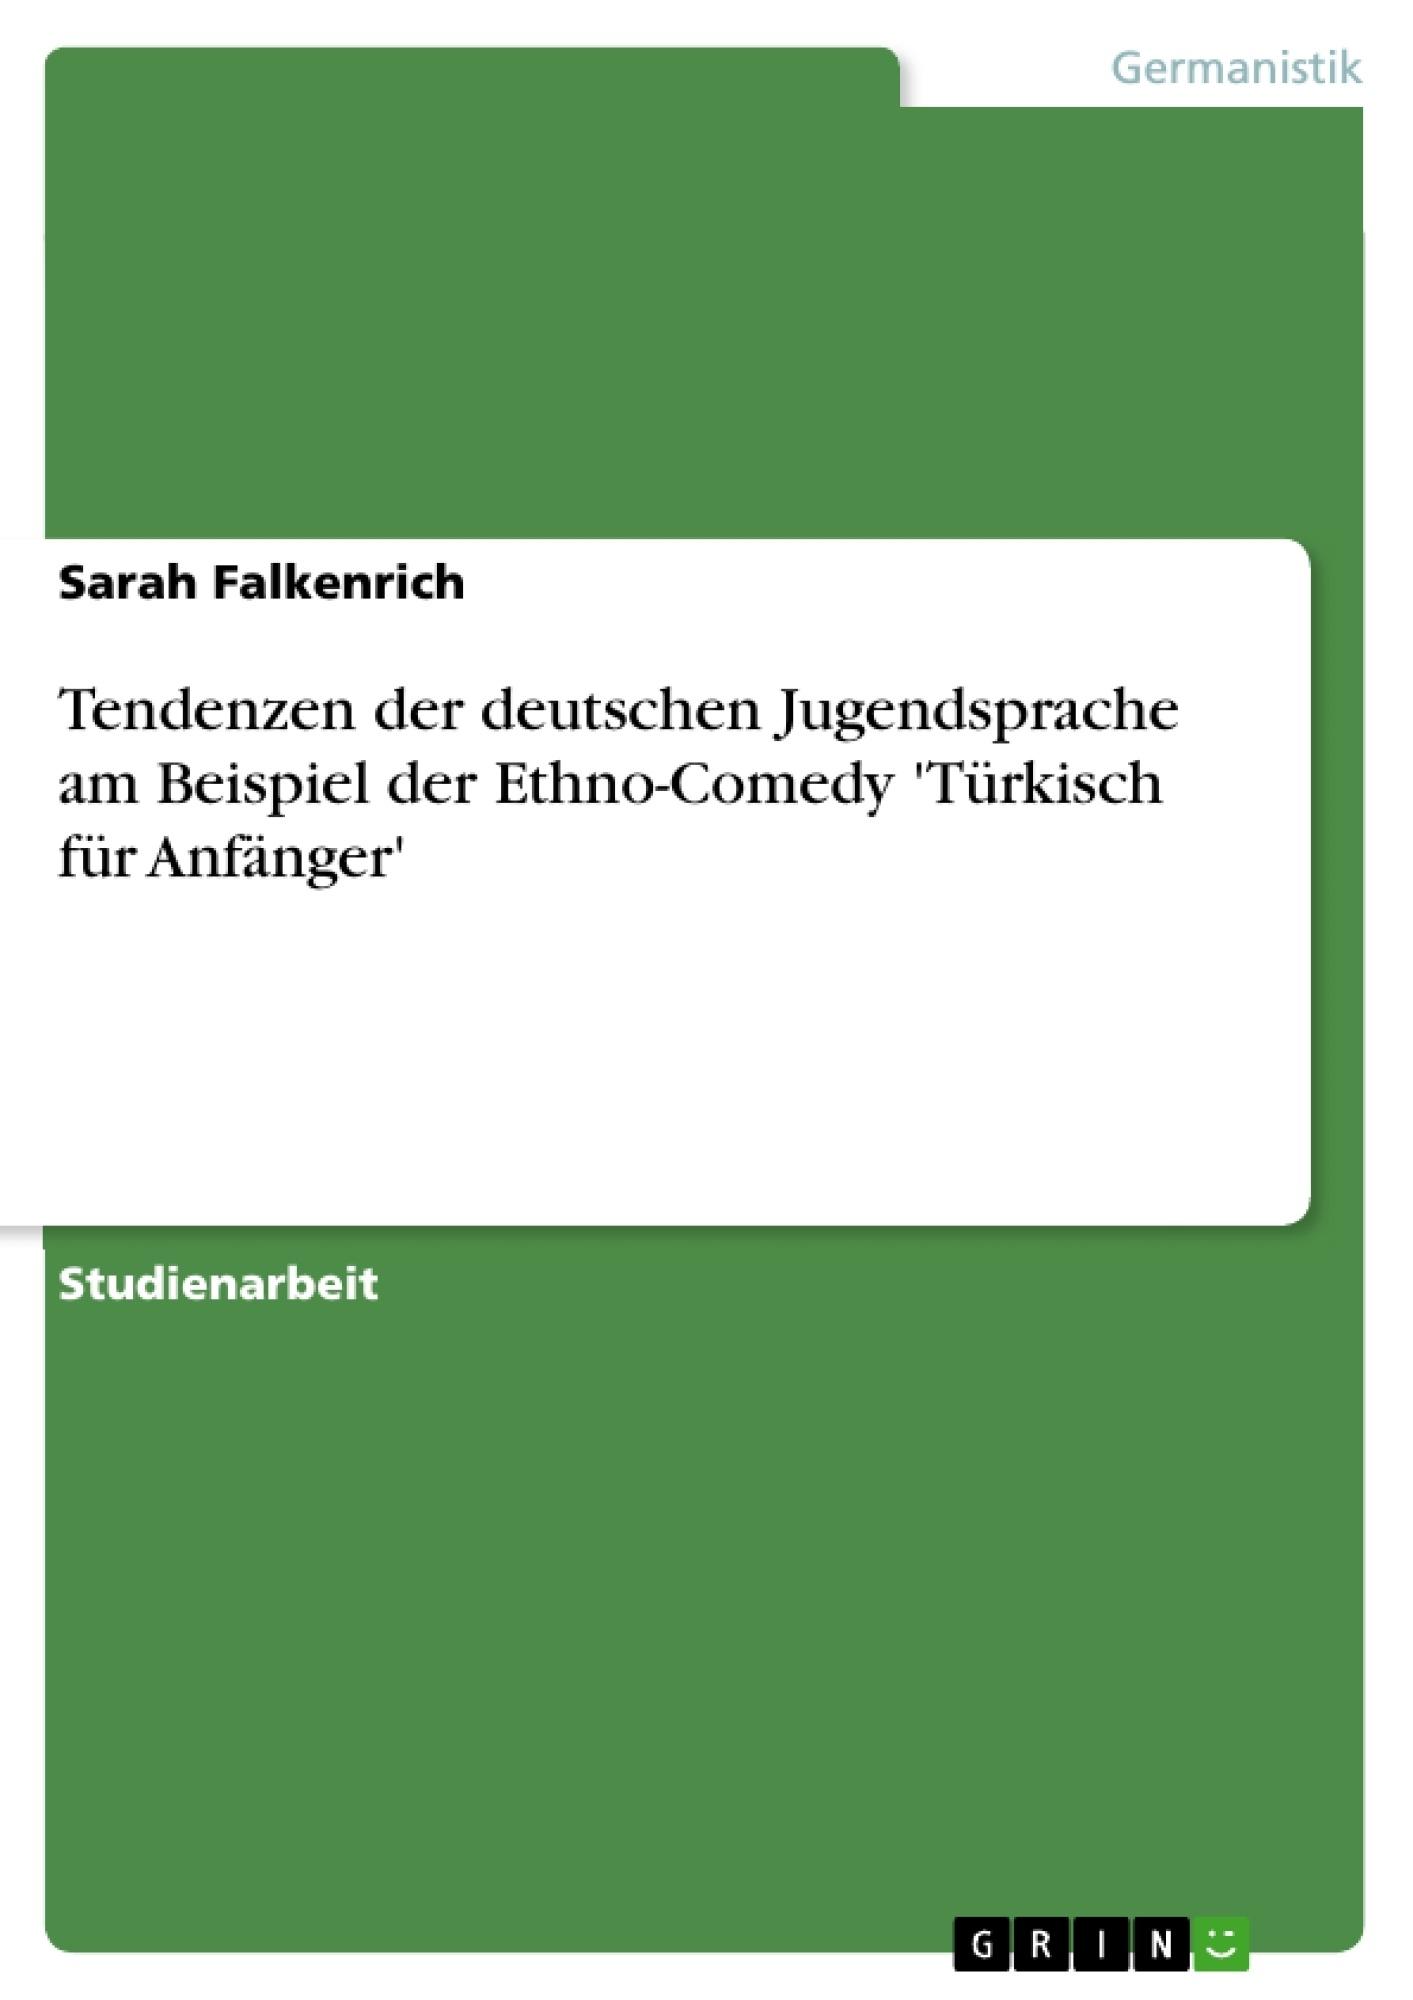 Titel: Tendenzen der deutschen Jugendsprache am Beispiel der Ethno-Comedy 'Türkisch für Anfänger'